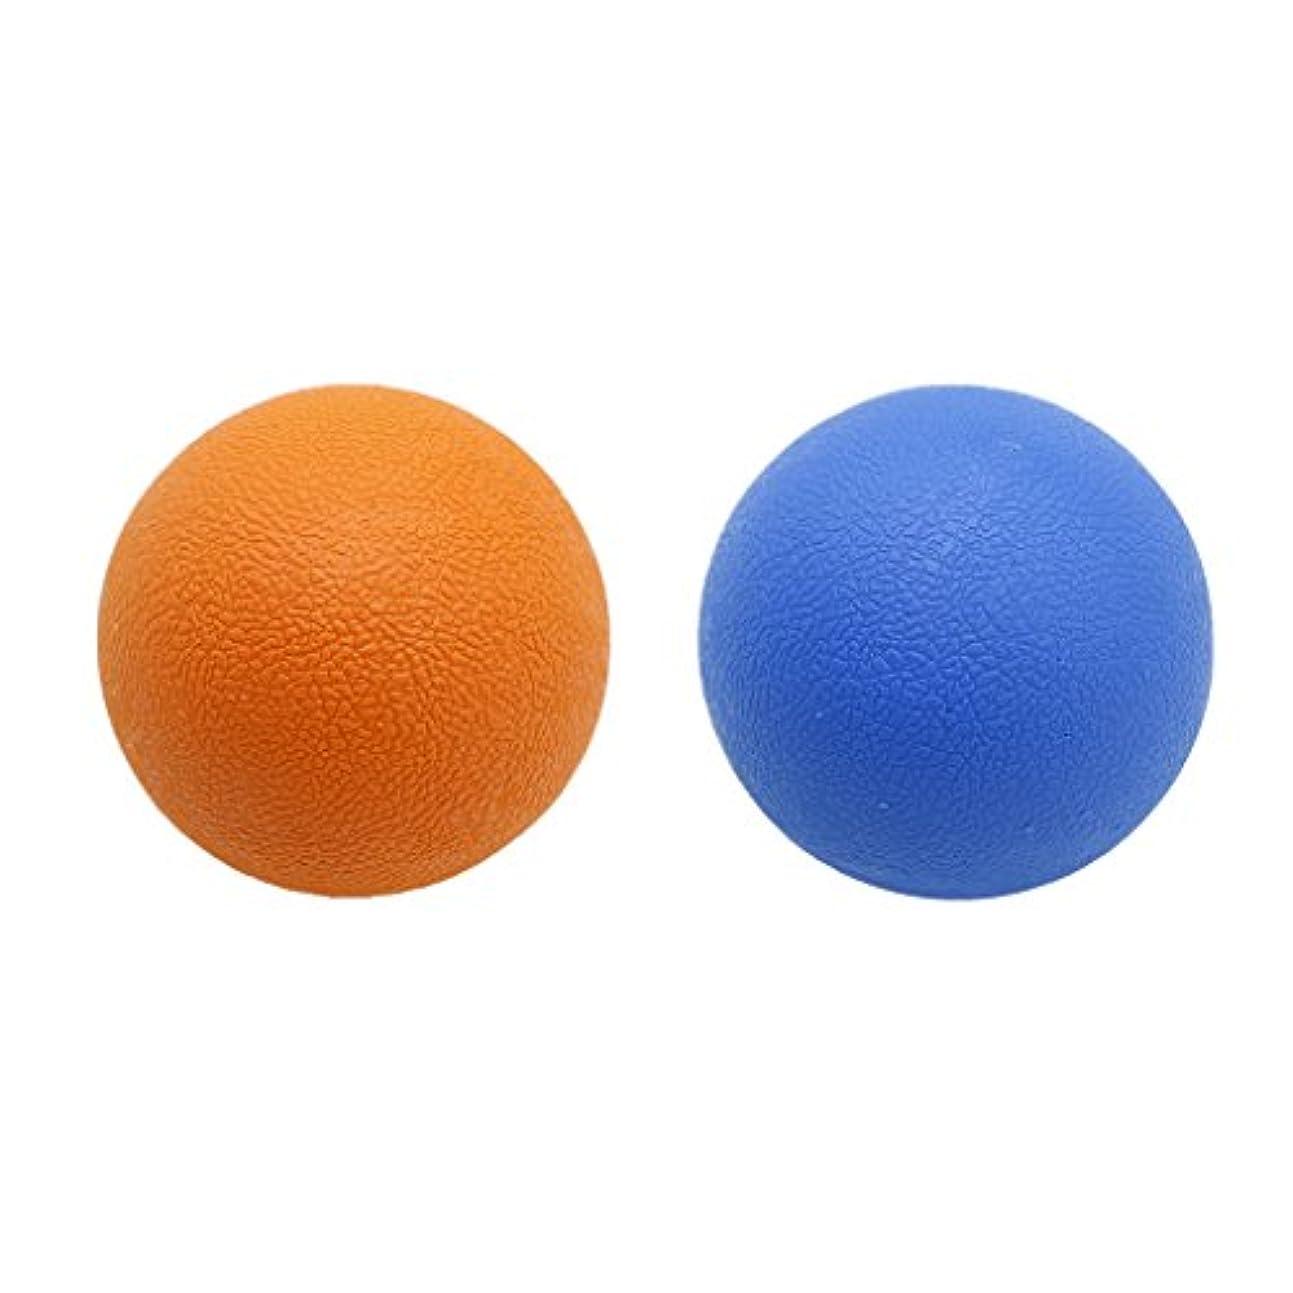 ユーザー素朴な十代の若者たちPerfk 2個 マッサージボール ストレッチボール トリガーポイント トレーニング マッサージ リラックス 便利 多色選べる - オレンジブルー